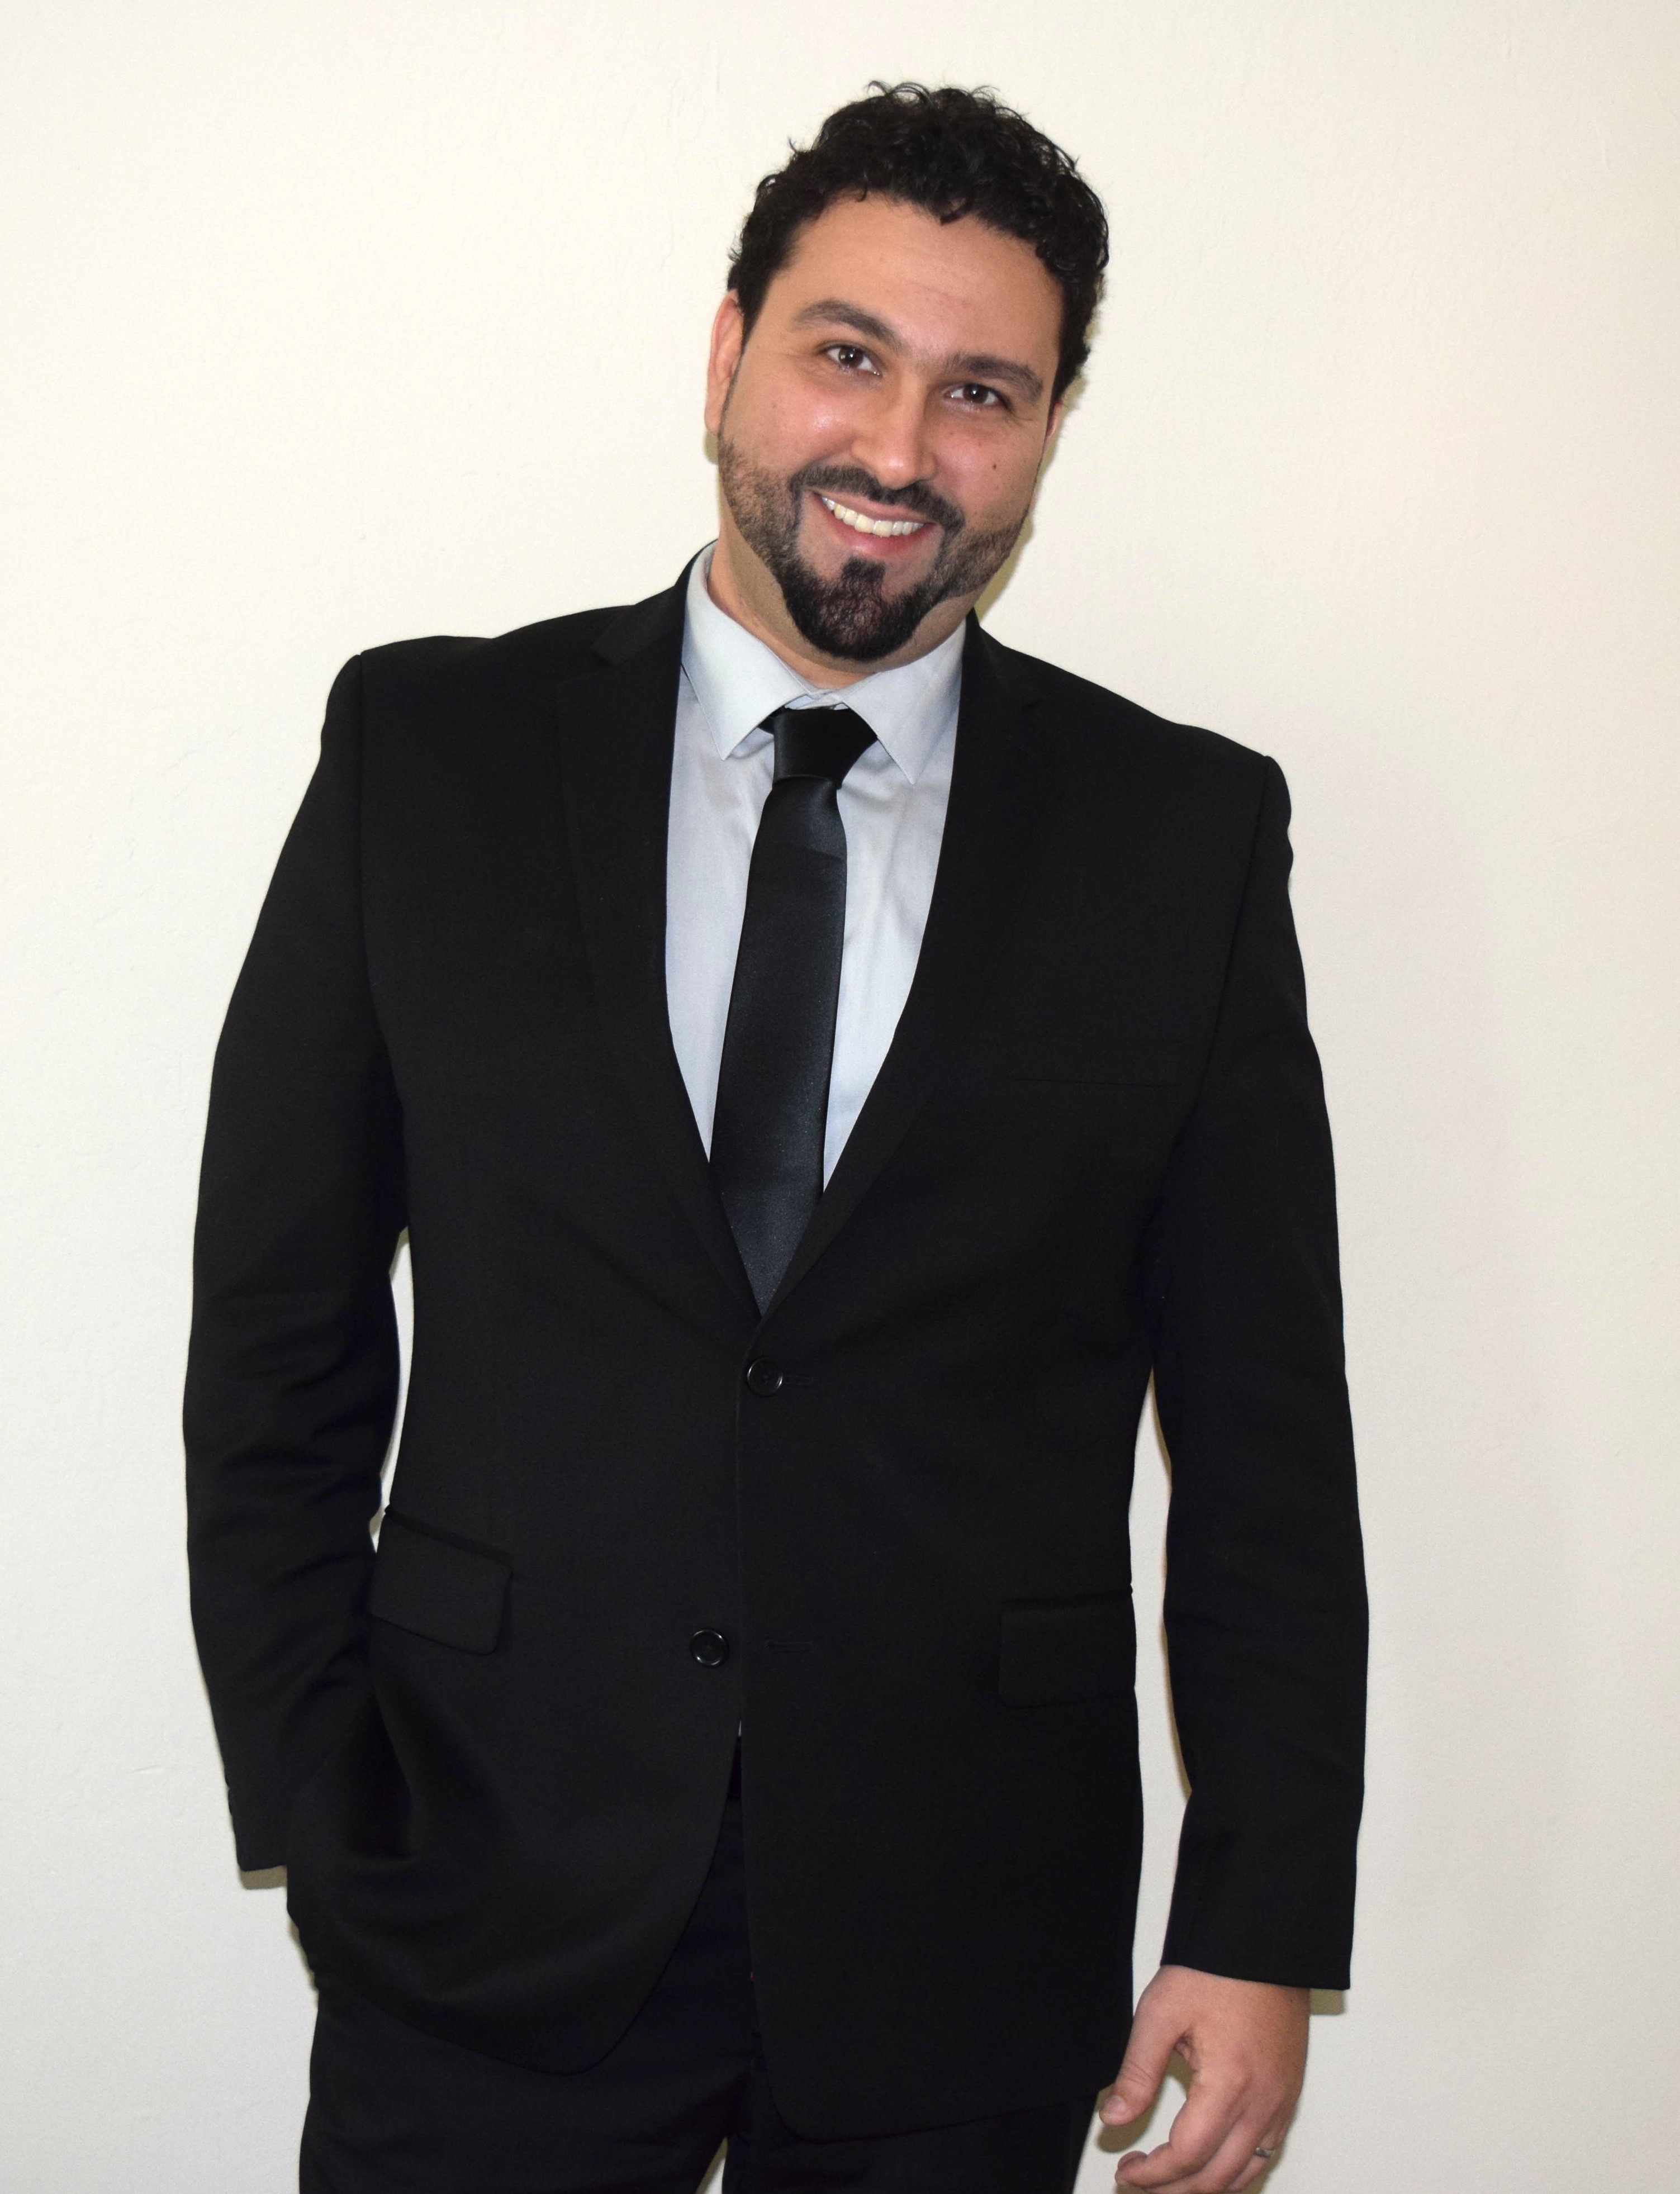 Karim Serageldin